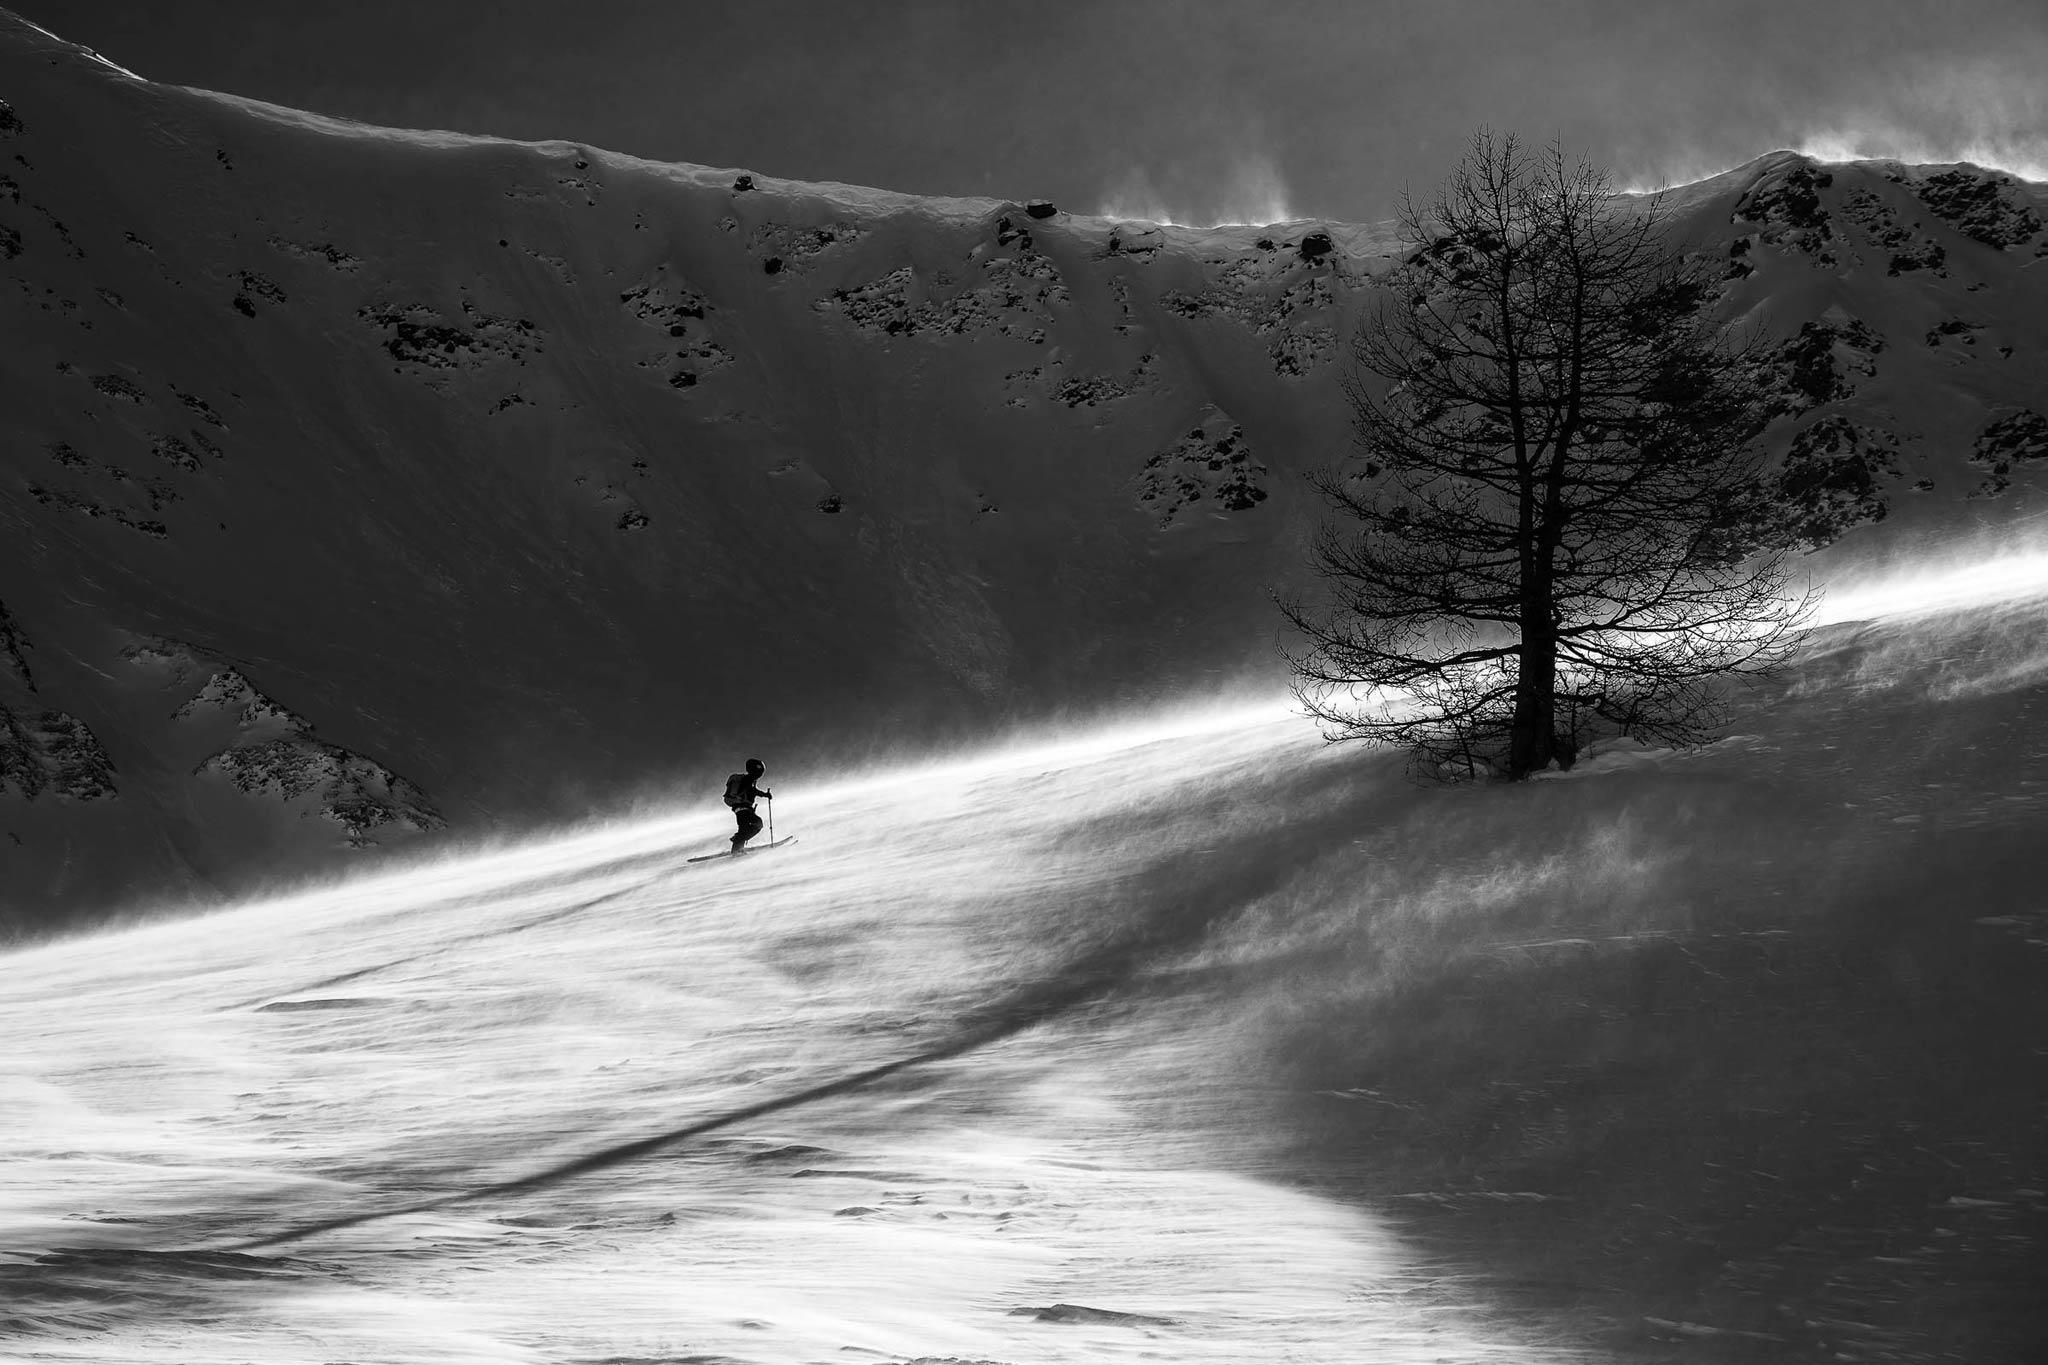 Best Lifestyle: Foto Klaus Polzer, Rider Sophie Lechasseur